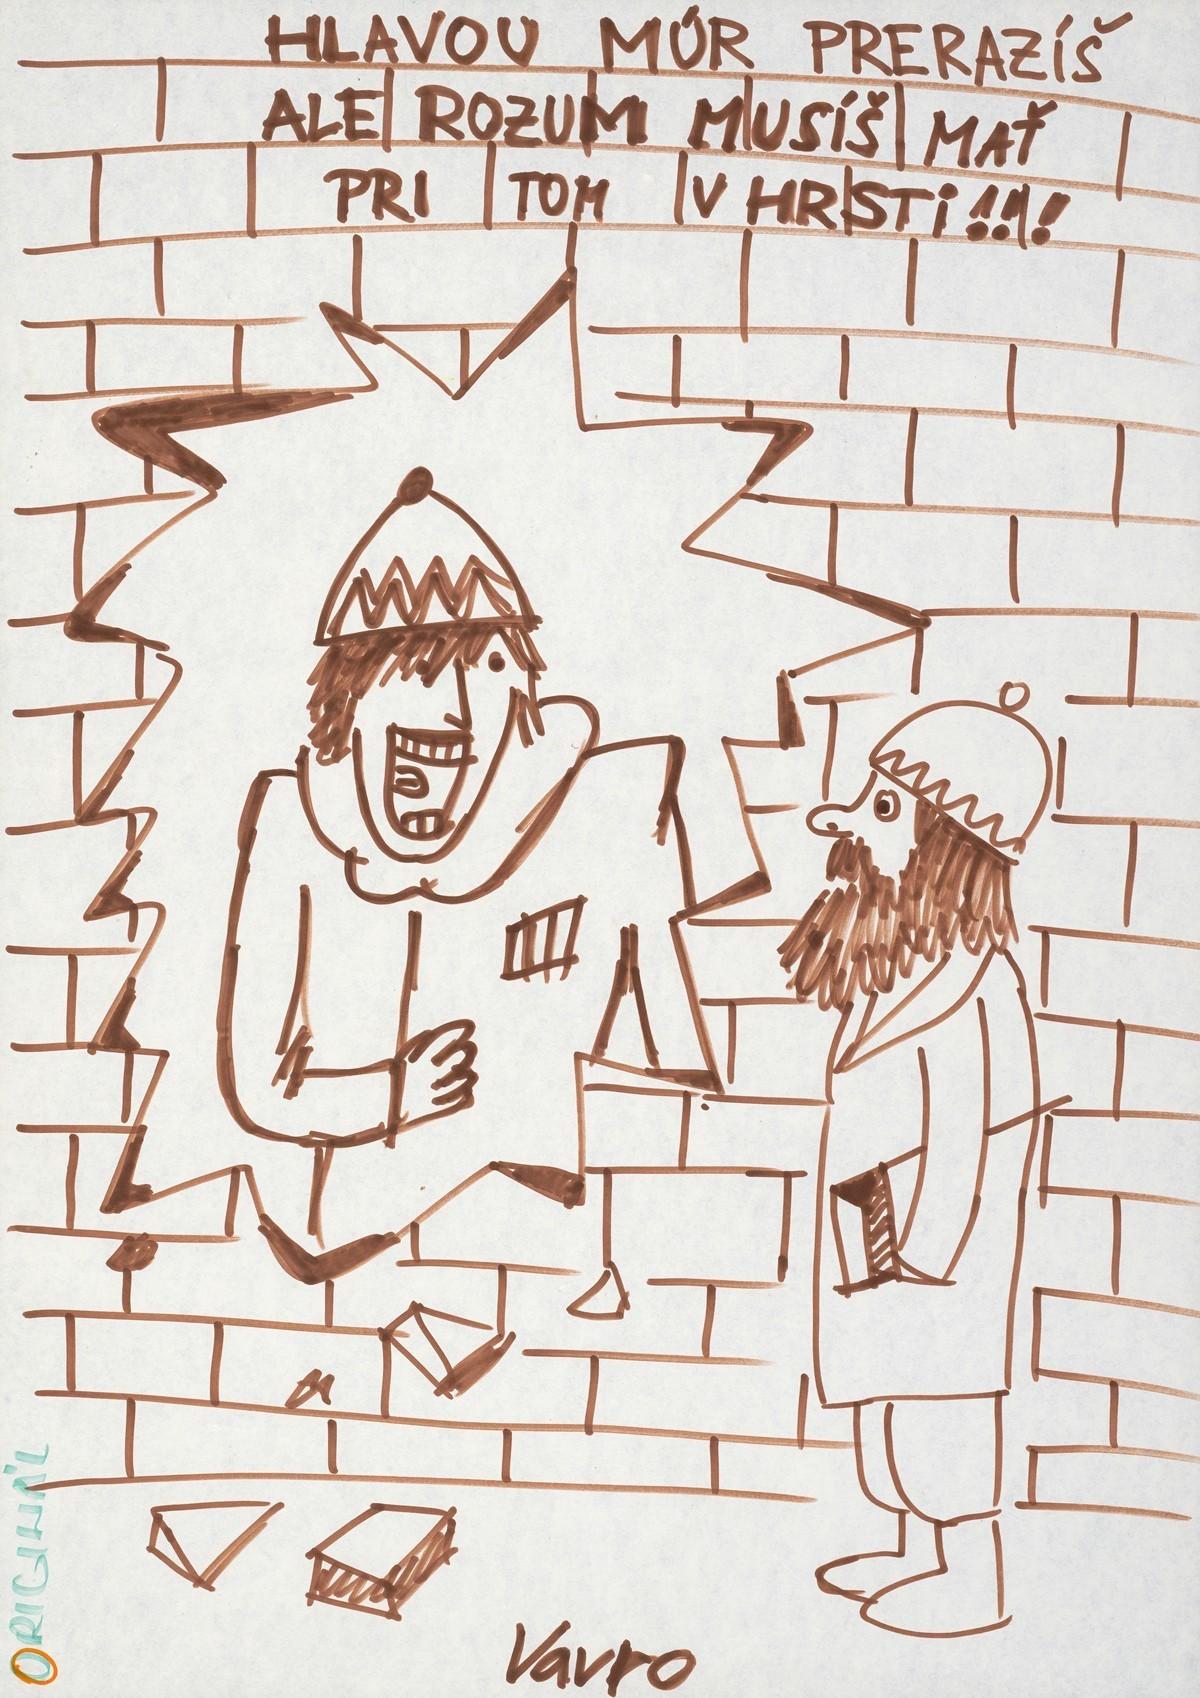 Milan Vavro, Hlavou múr neprerazíš, ale rozum musíš mať v hrsti!!!. 1989. Slovenské národné múzeum – Historické múzeum v Bratislave